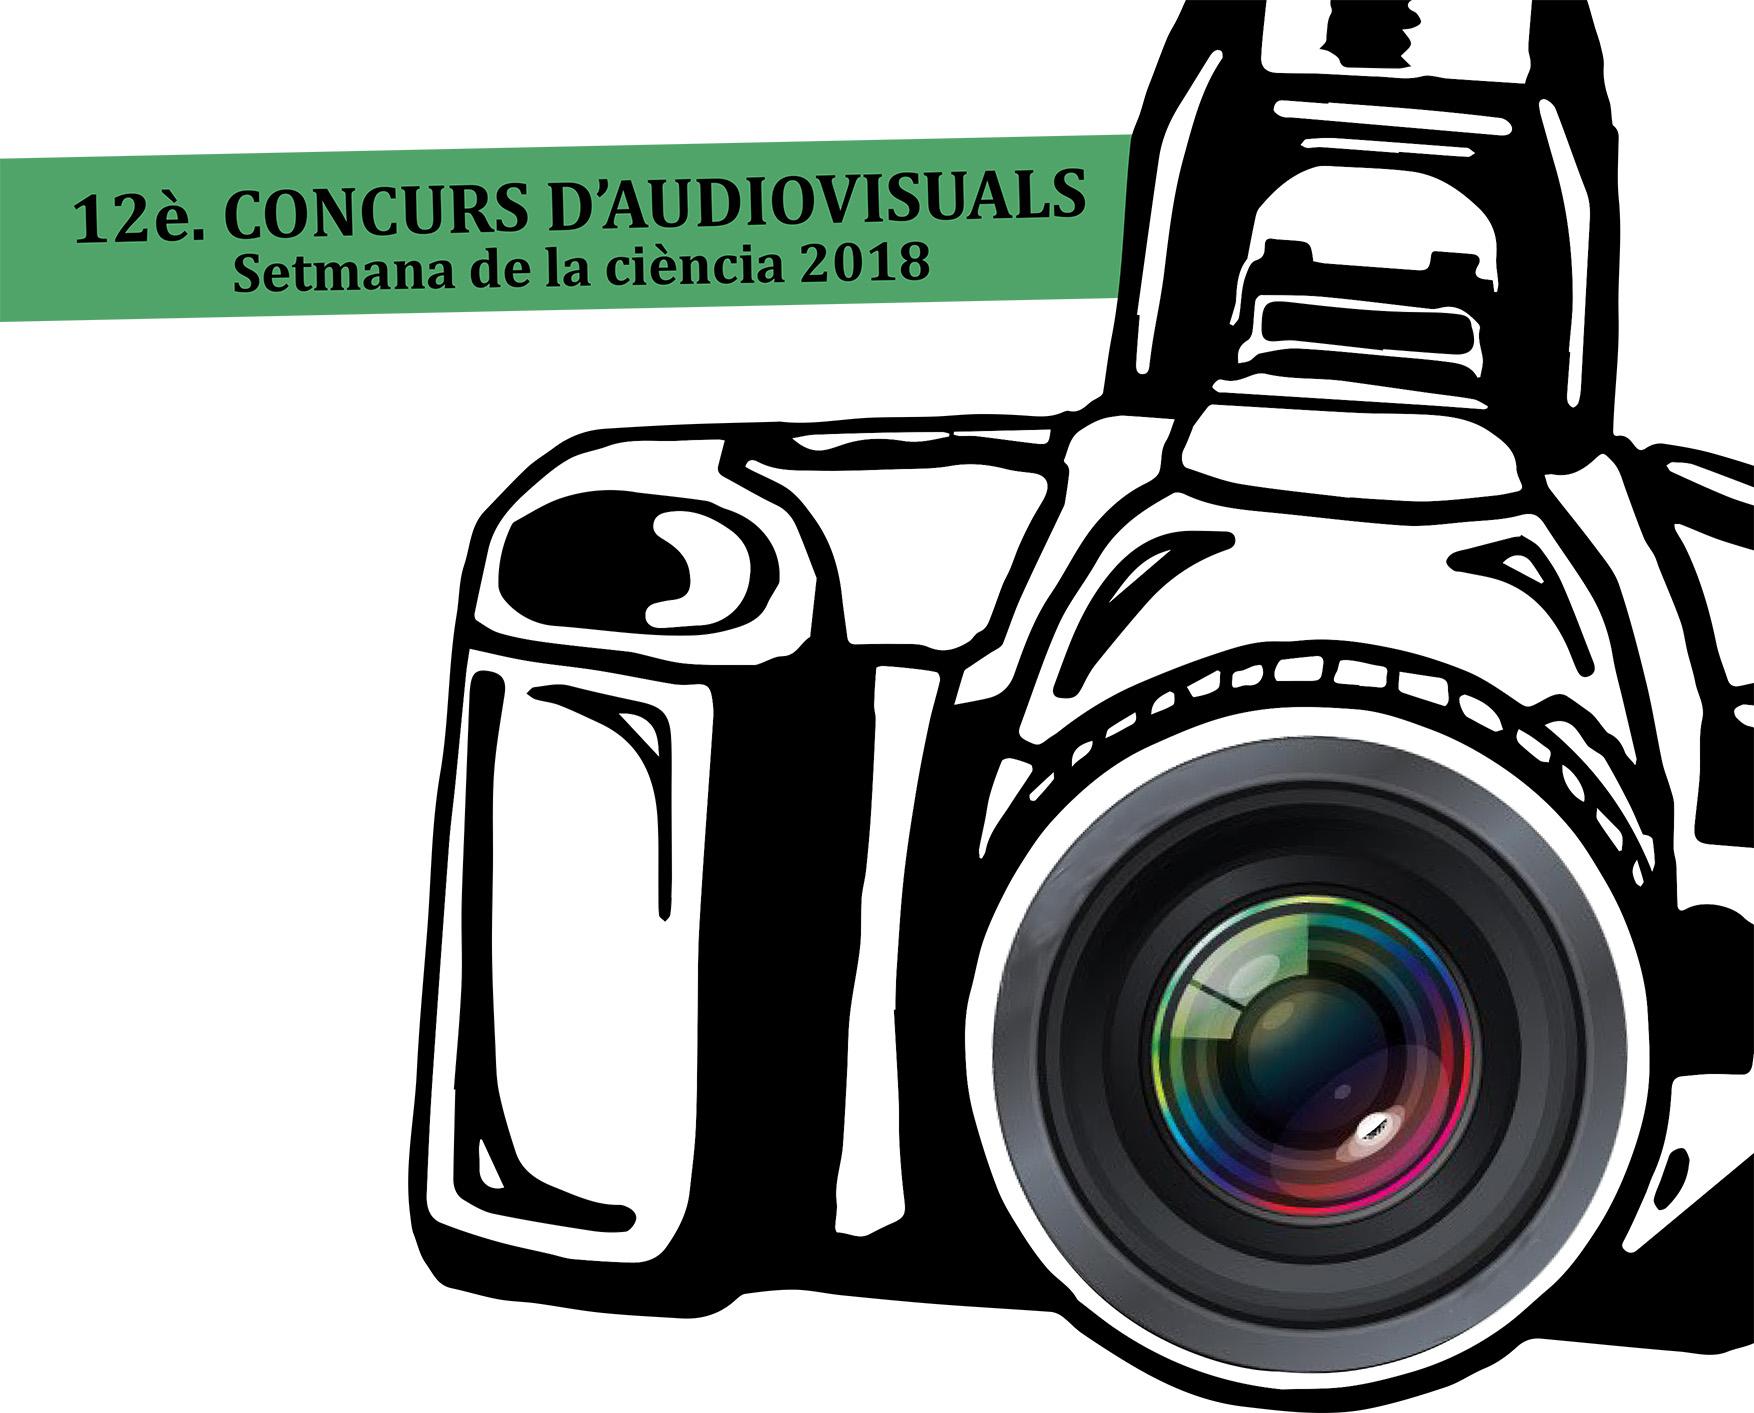 Premis Concurs fotografia